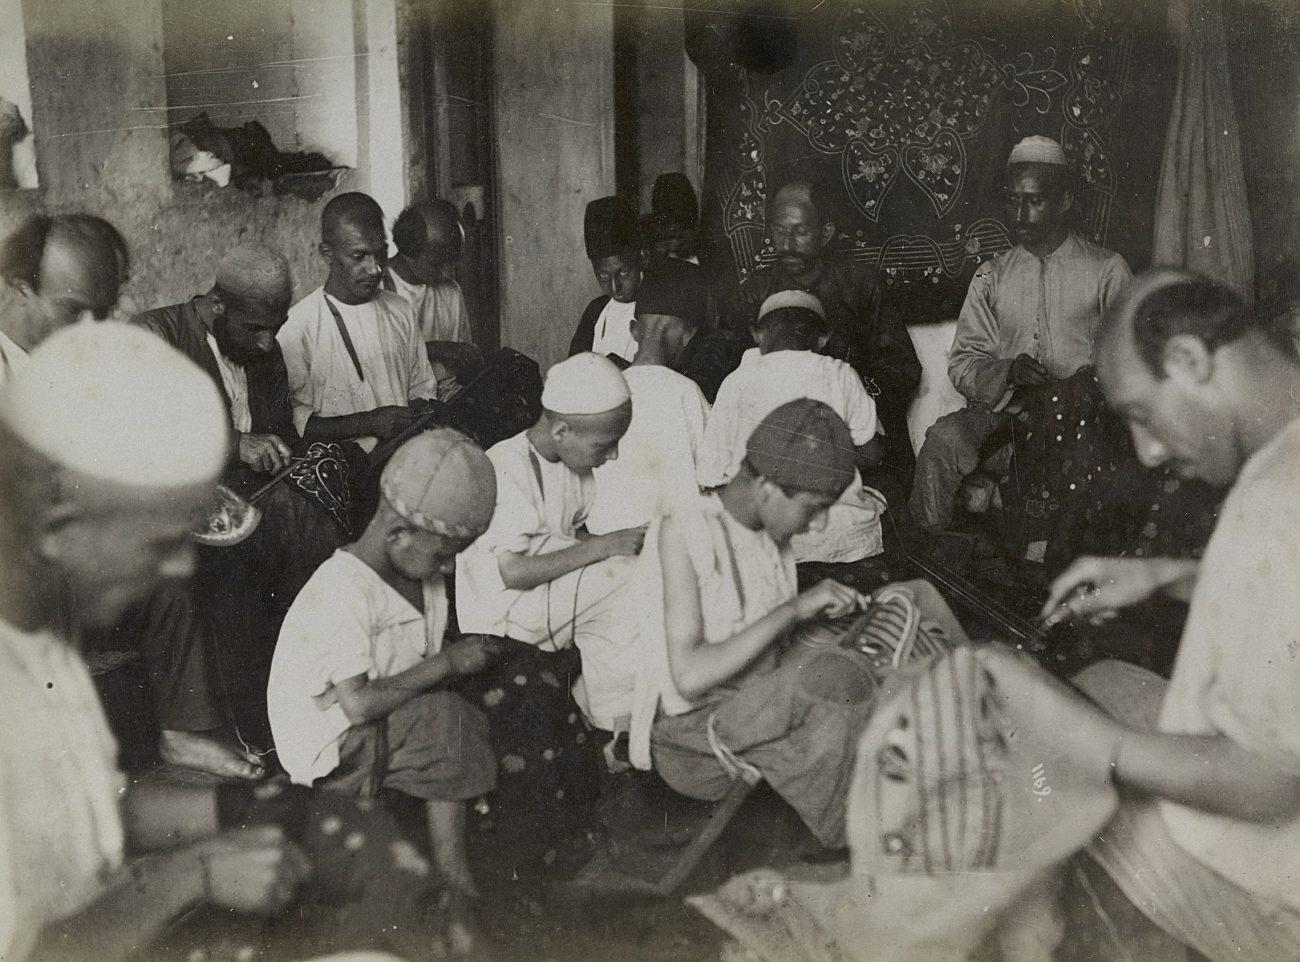 Borduurders in een atelier in de bazaar van Rasht, Iran, 1880-1895, albumine-afdruk.